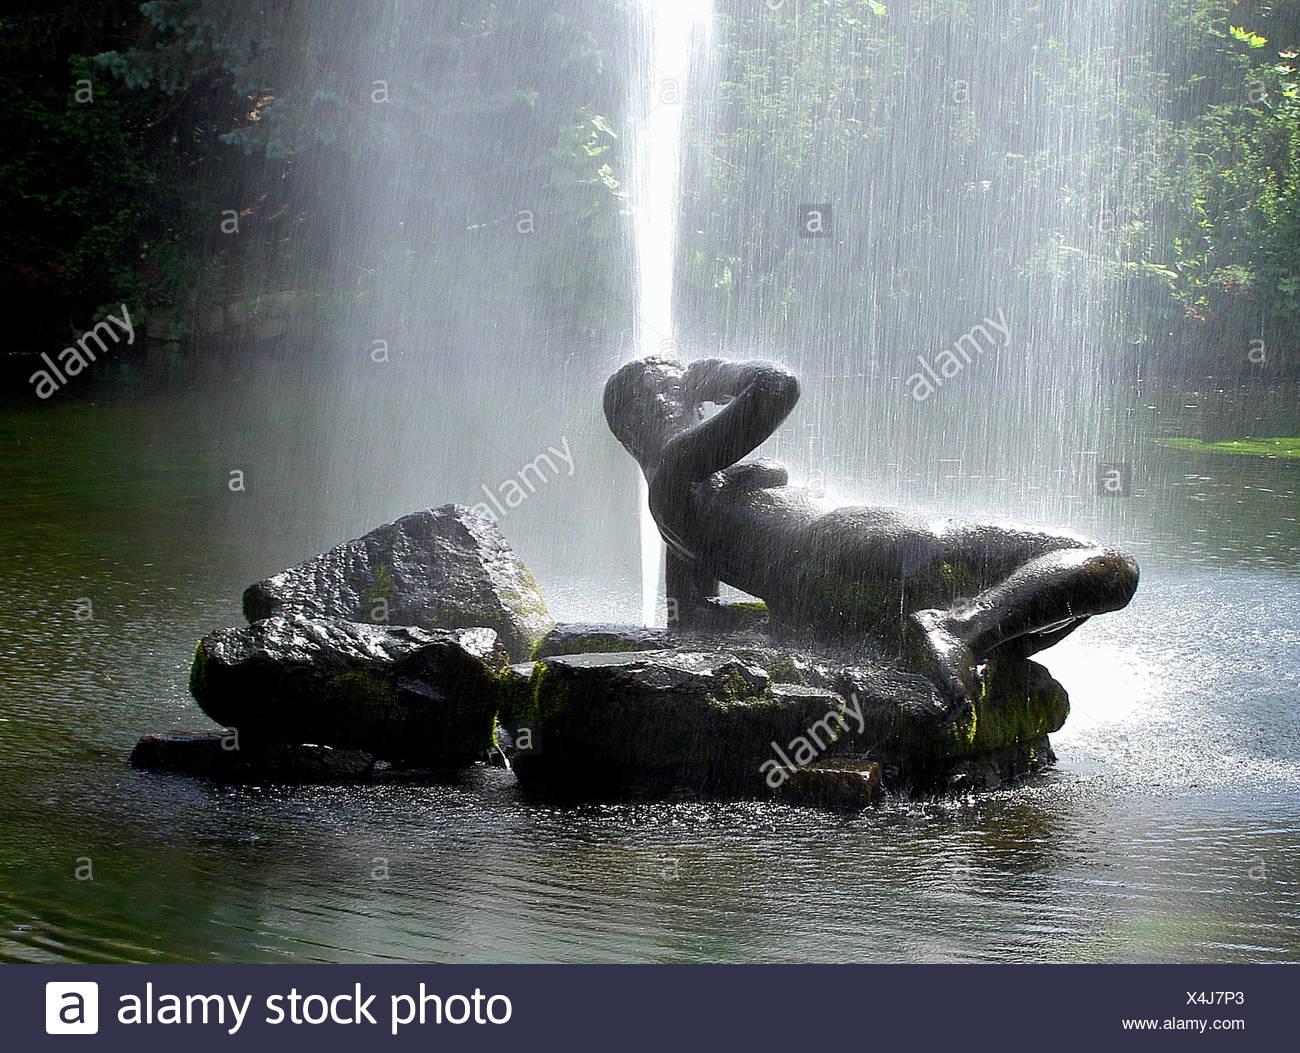 Fountain in mariánské lázne - Stock Image